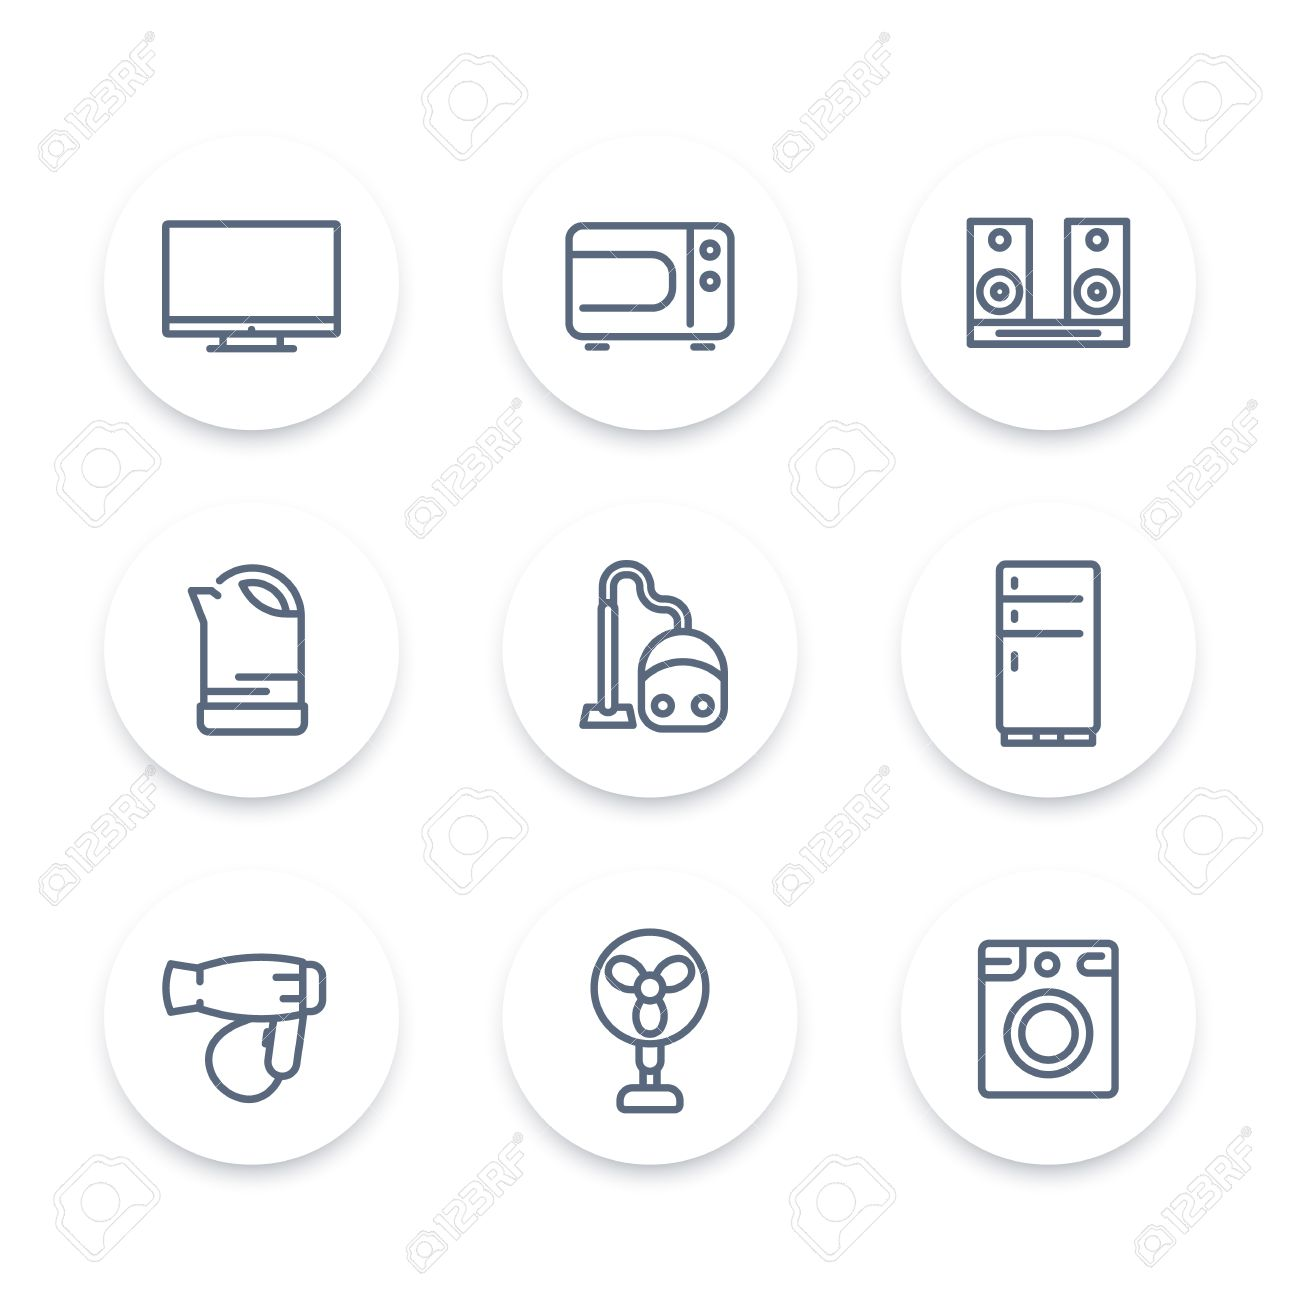 Ausgezeichnet Elektrische Liniensymbole Fotos - Elektrische ...